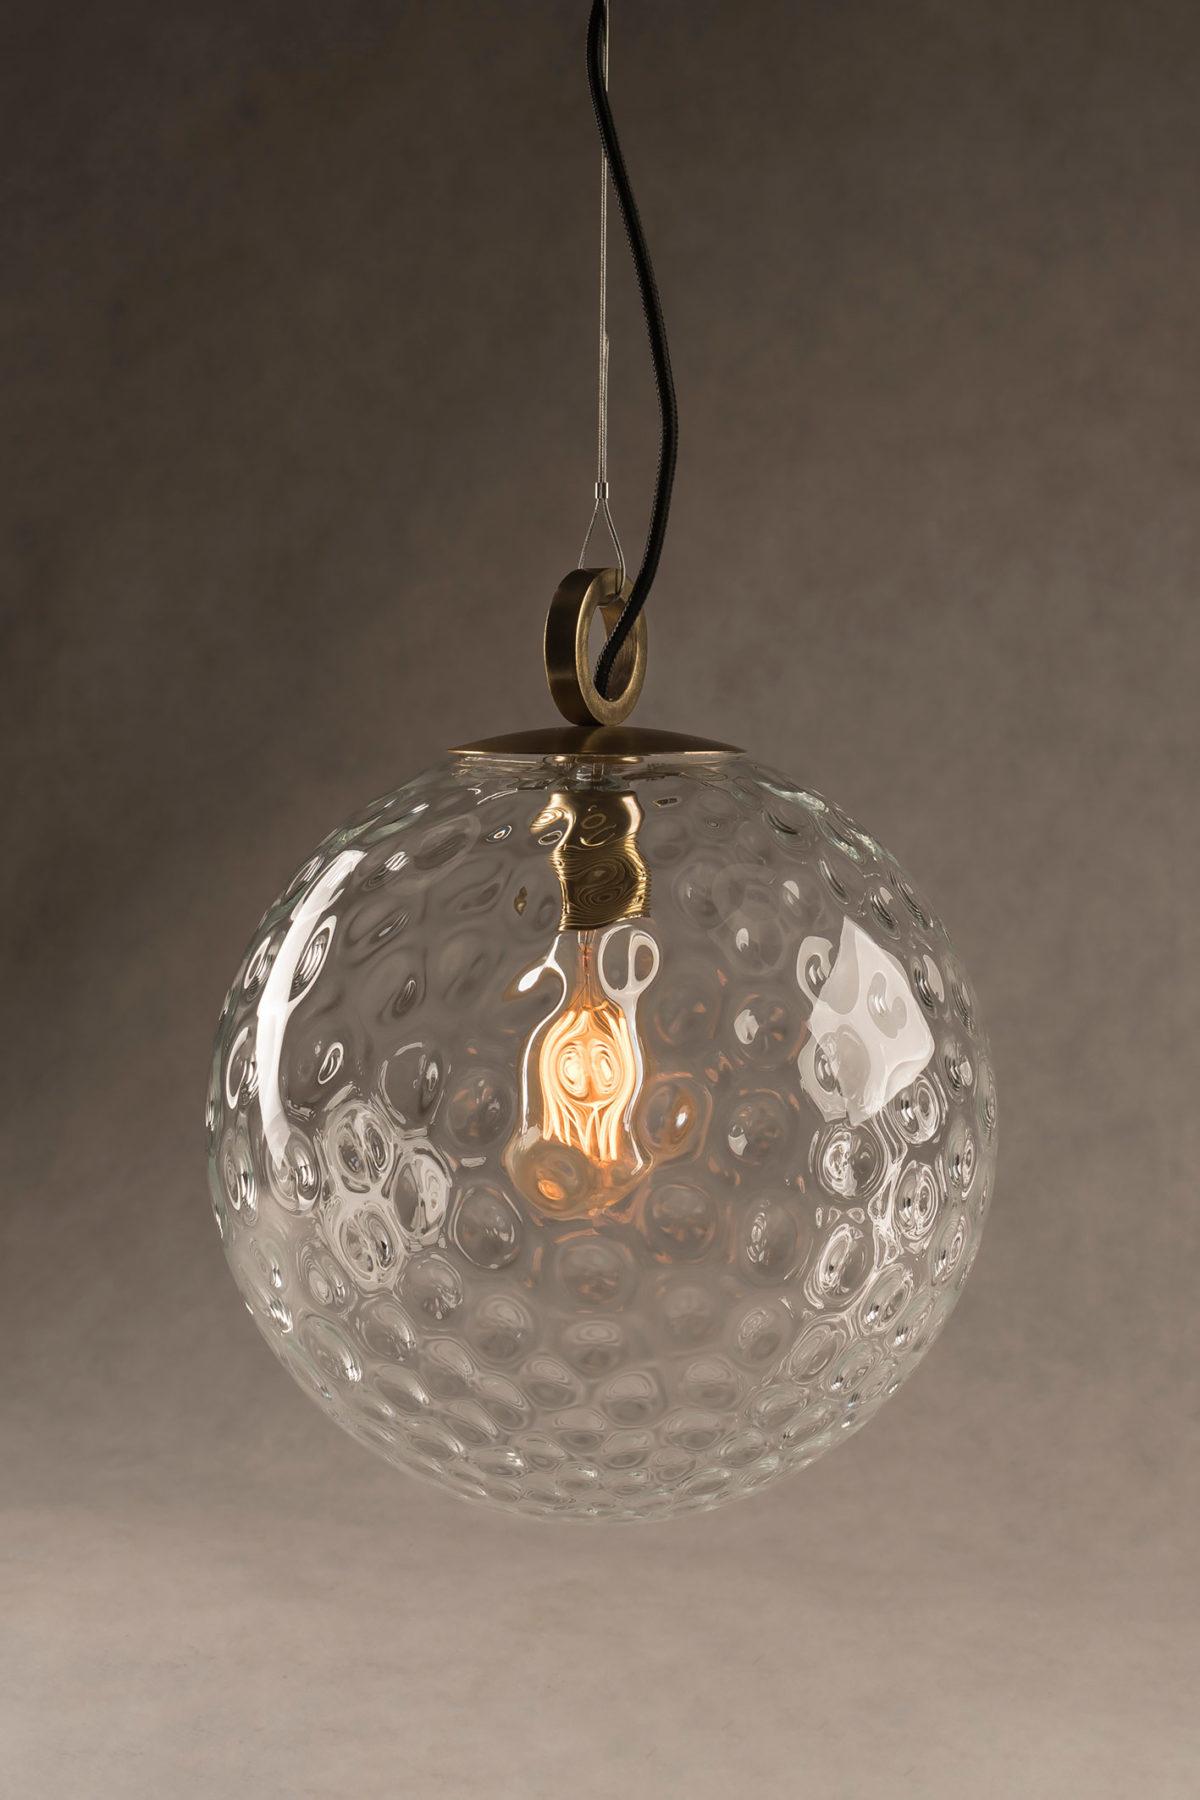 Szklana Lampa Wisząca Kula Refleksyjna z pierścieniem mosiężnym